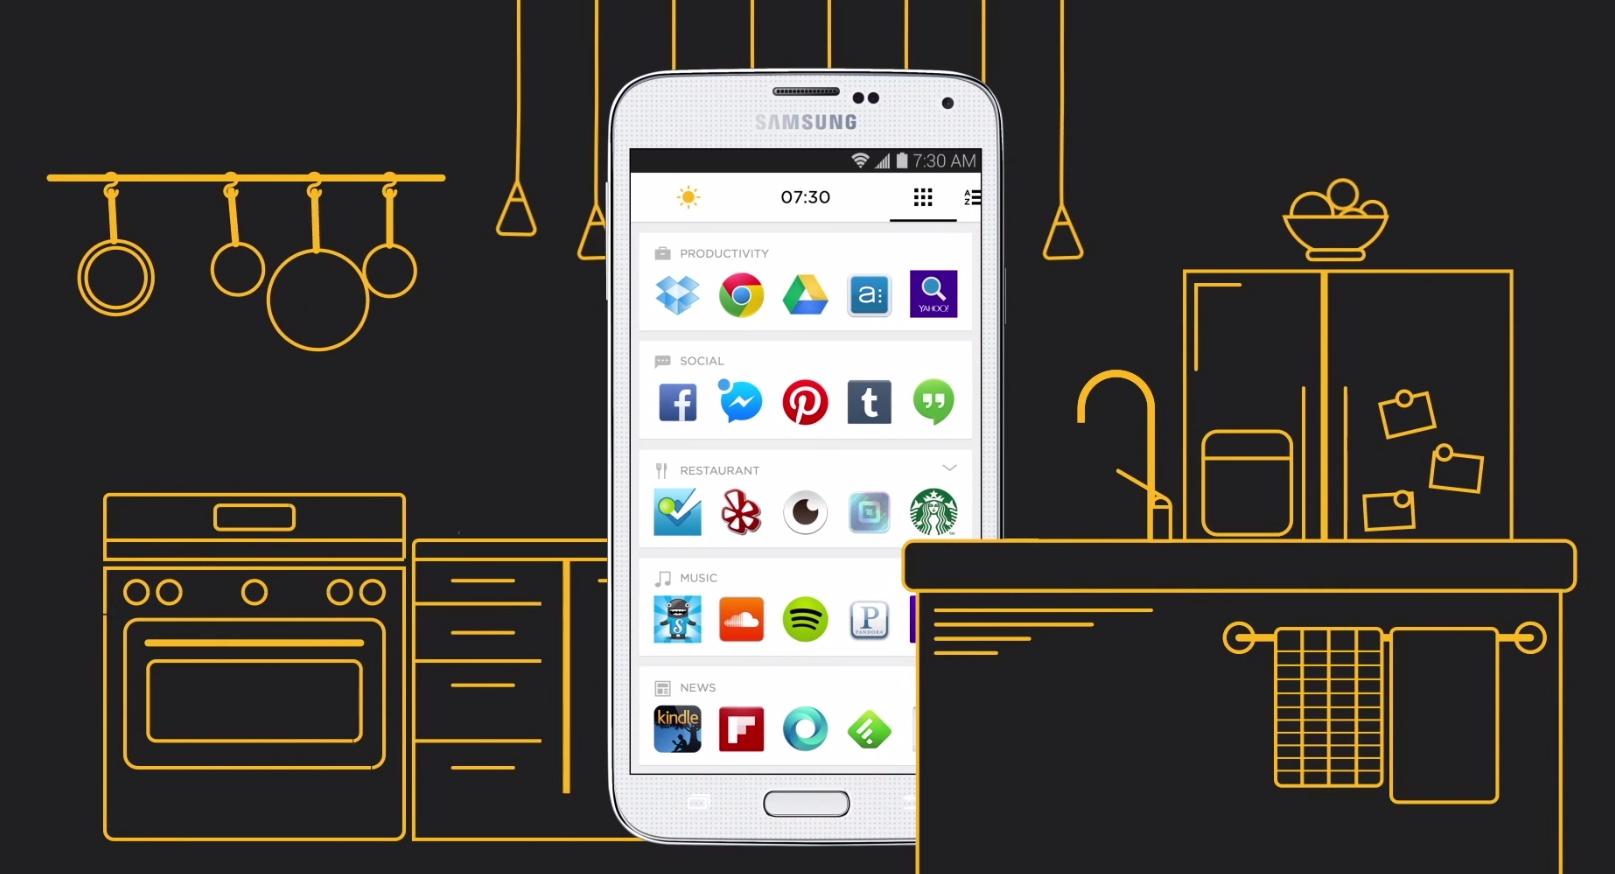 Ekran główny naszych smartfonów czeka rewolucja. Nie ma innego wyboru